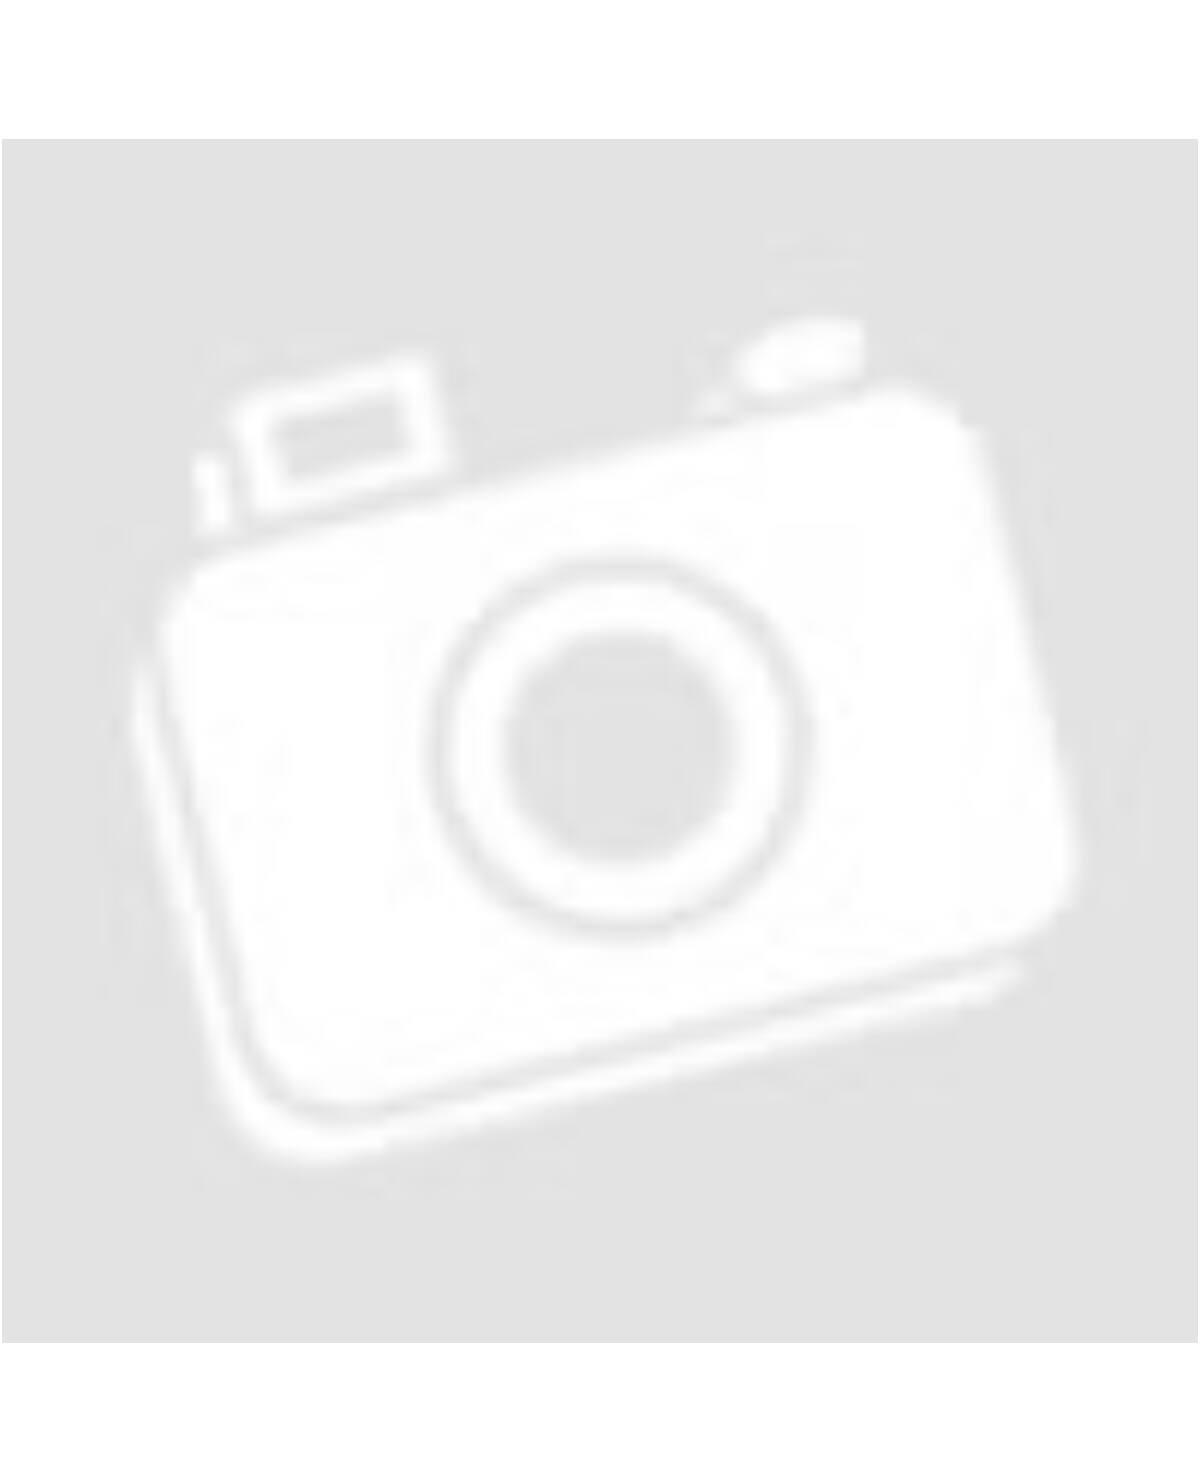 TheVR Level One VR PC konfiguráció - TheVR - Penta Shop 00087a1d0a